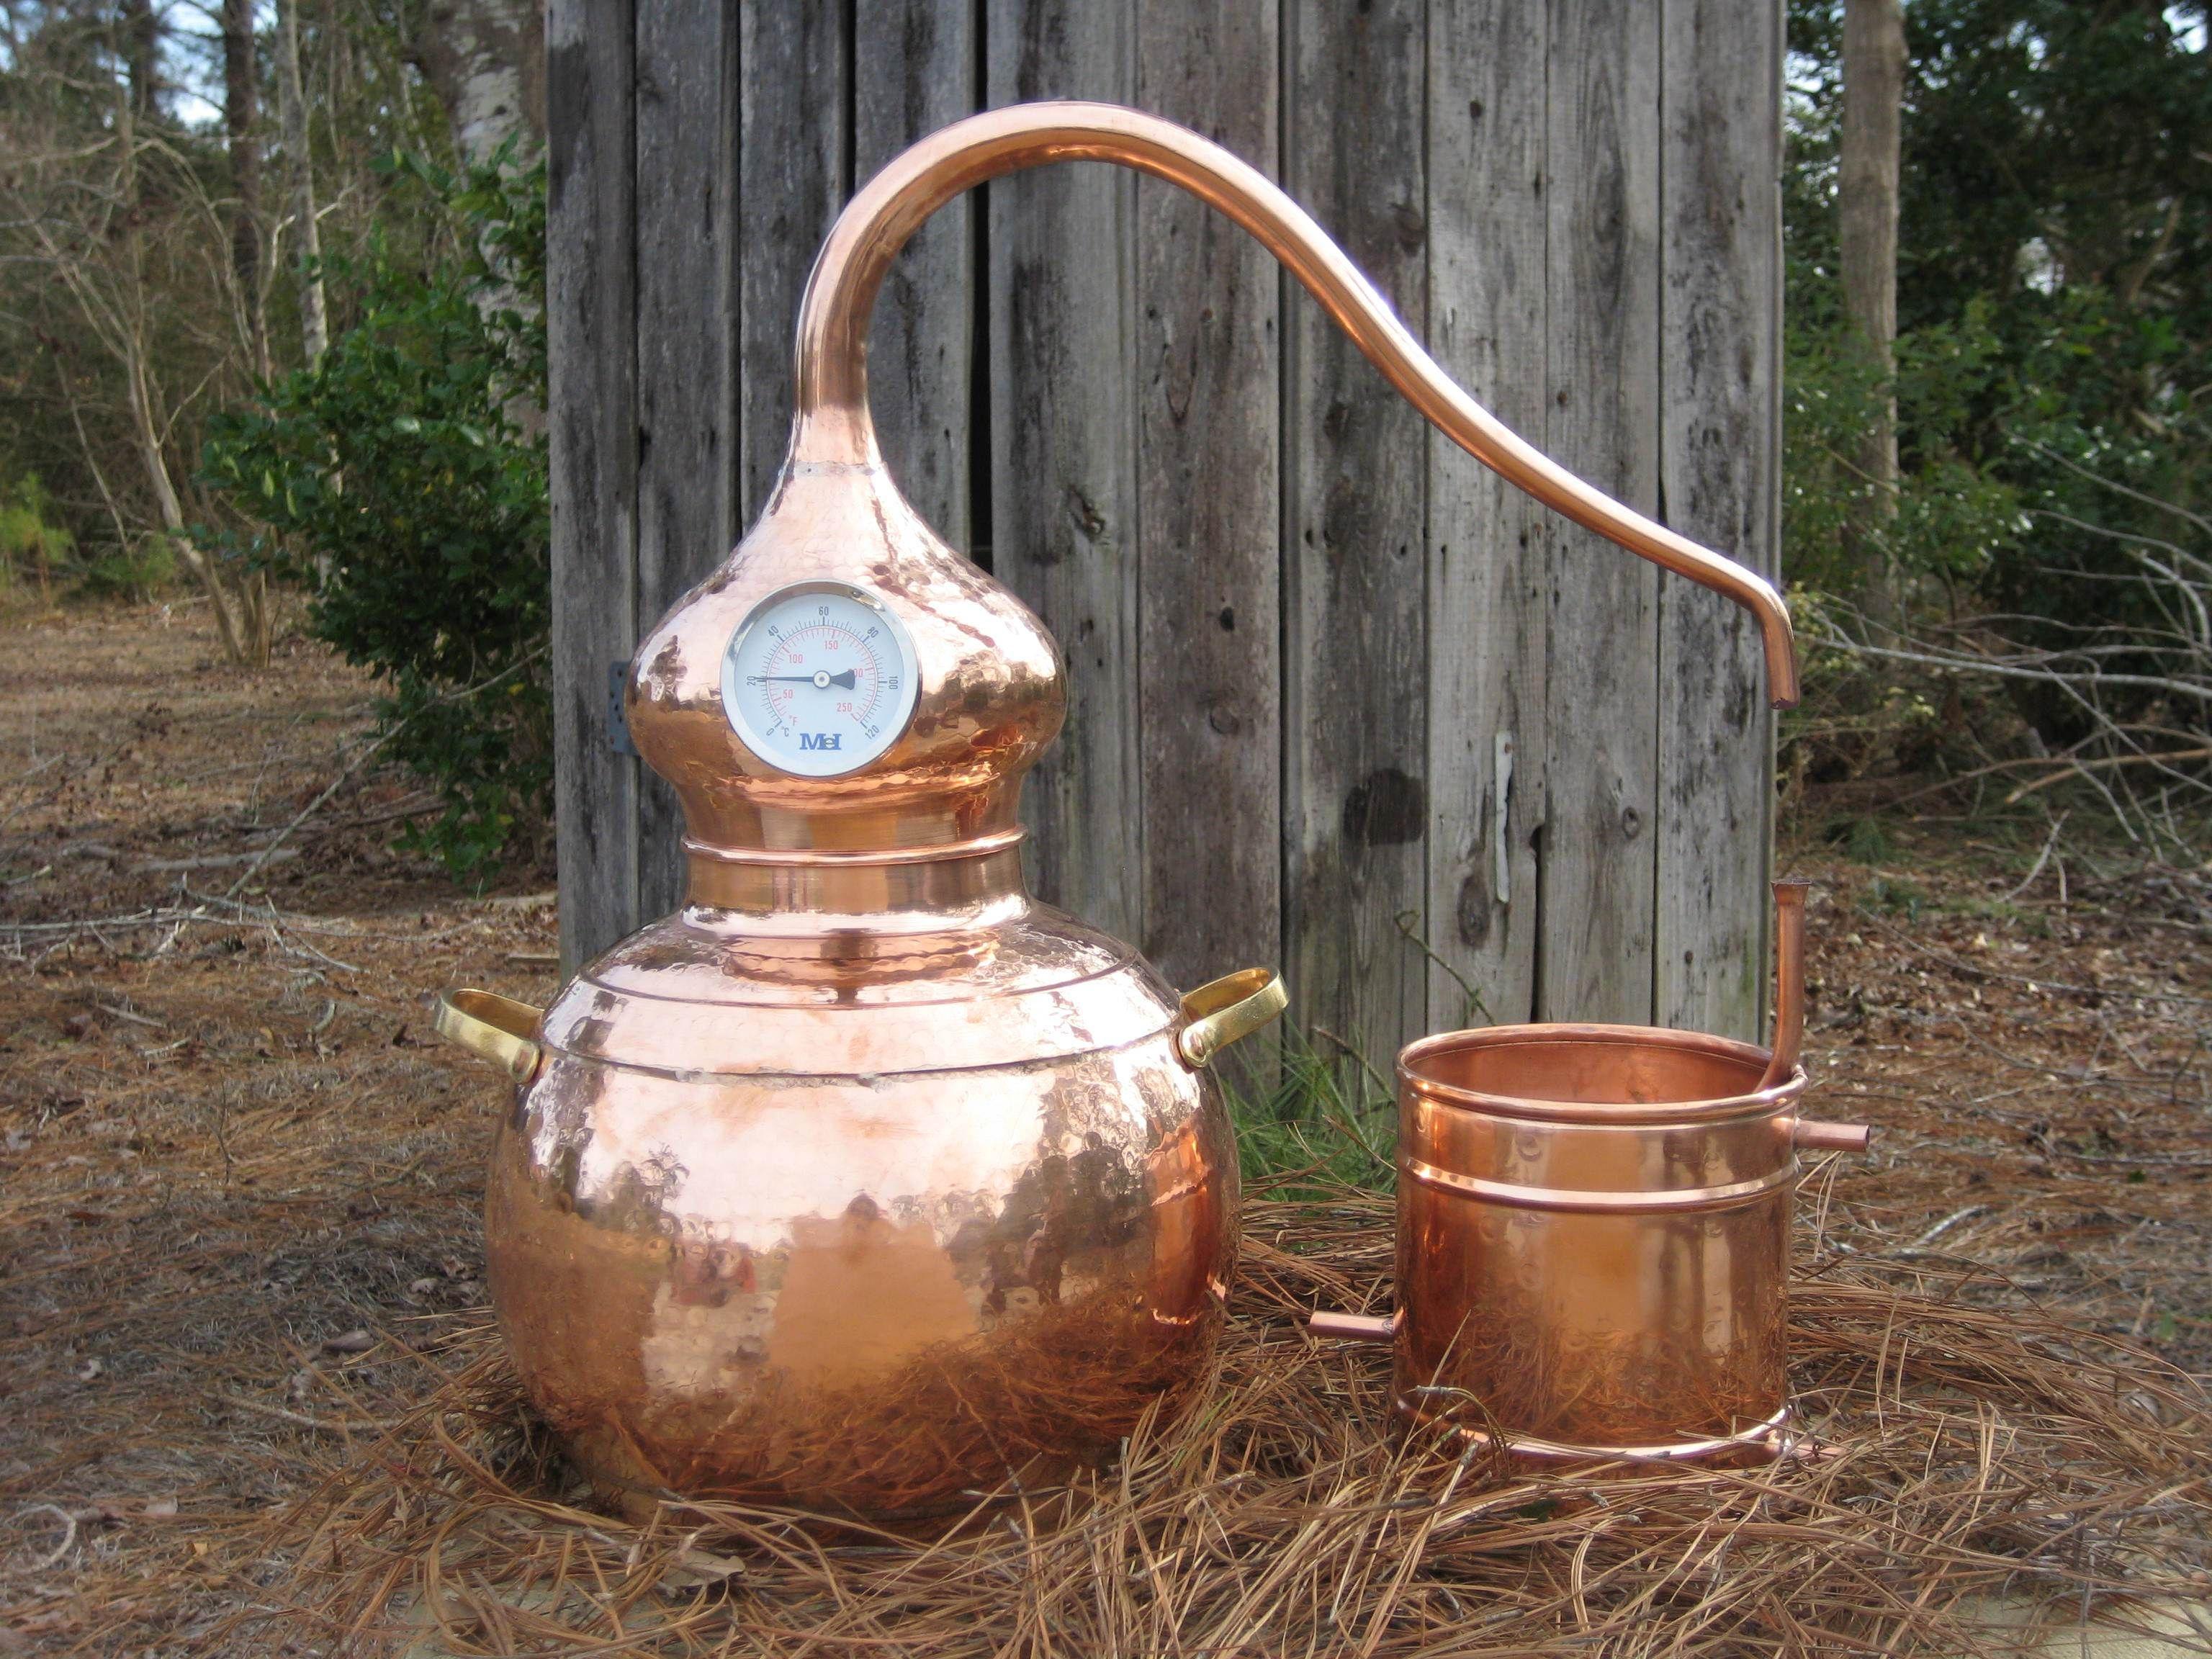 Moonshine Stills For Sale  Copper Moonshine Stills | Places to Visit